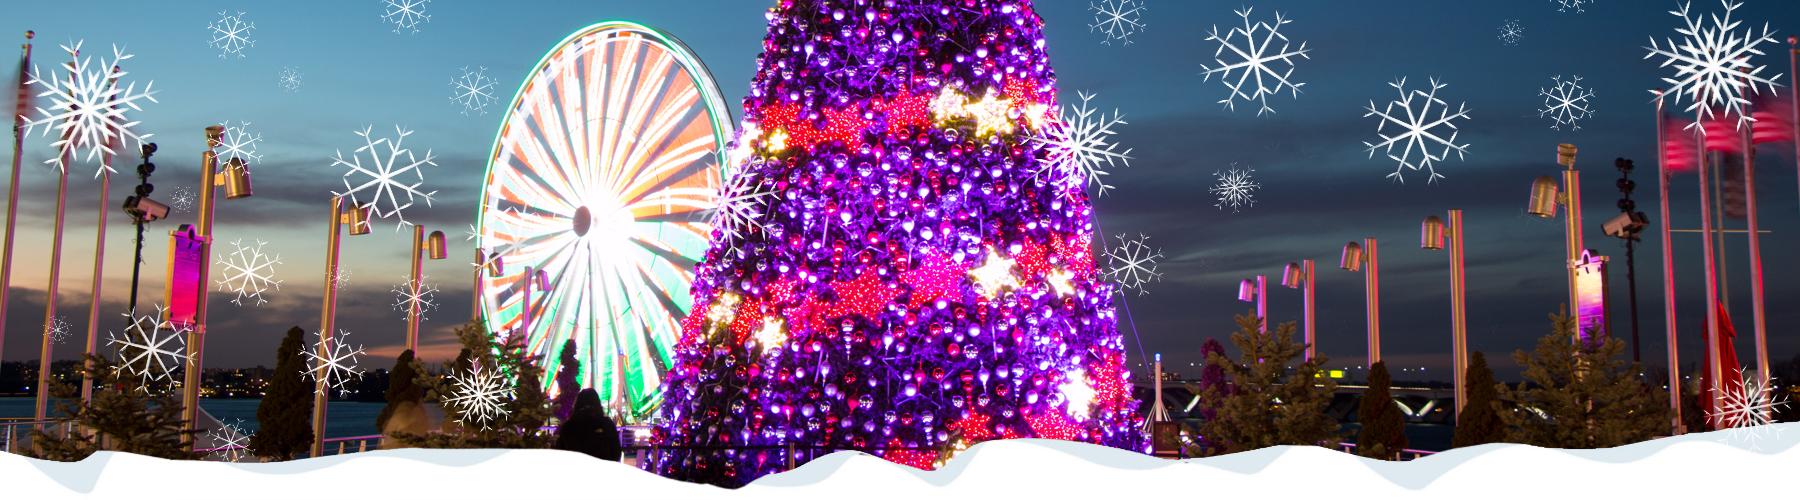 HolidayImageNH2020_R4